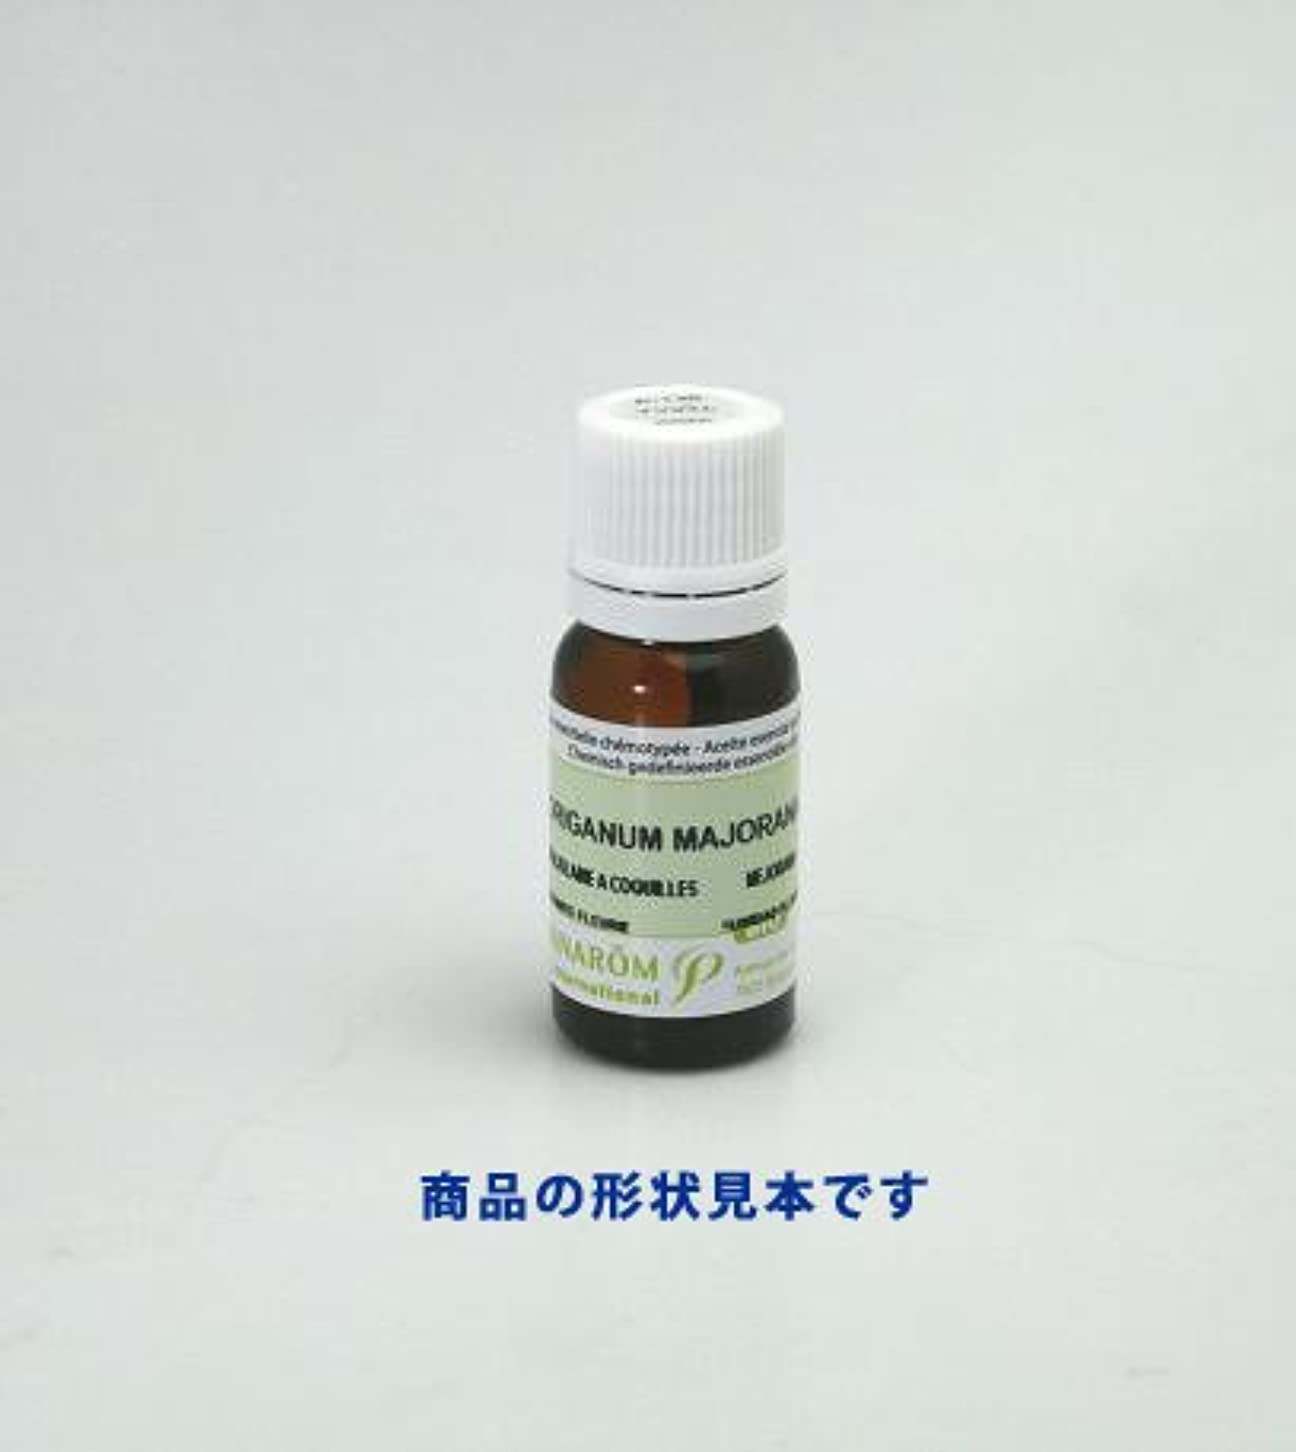 証明限られたブリリアントプラナロム社製精油:P-069 ユーカリ?ポリプラクティアCT2